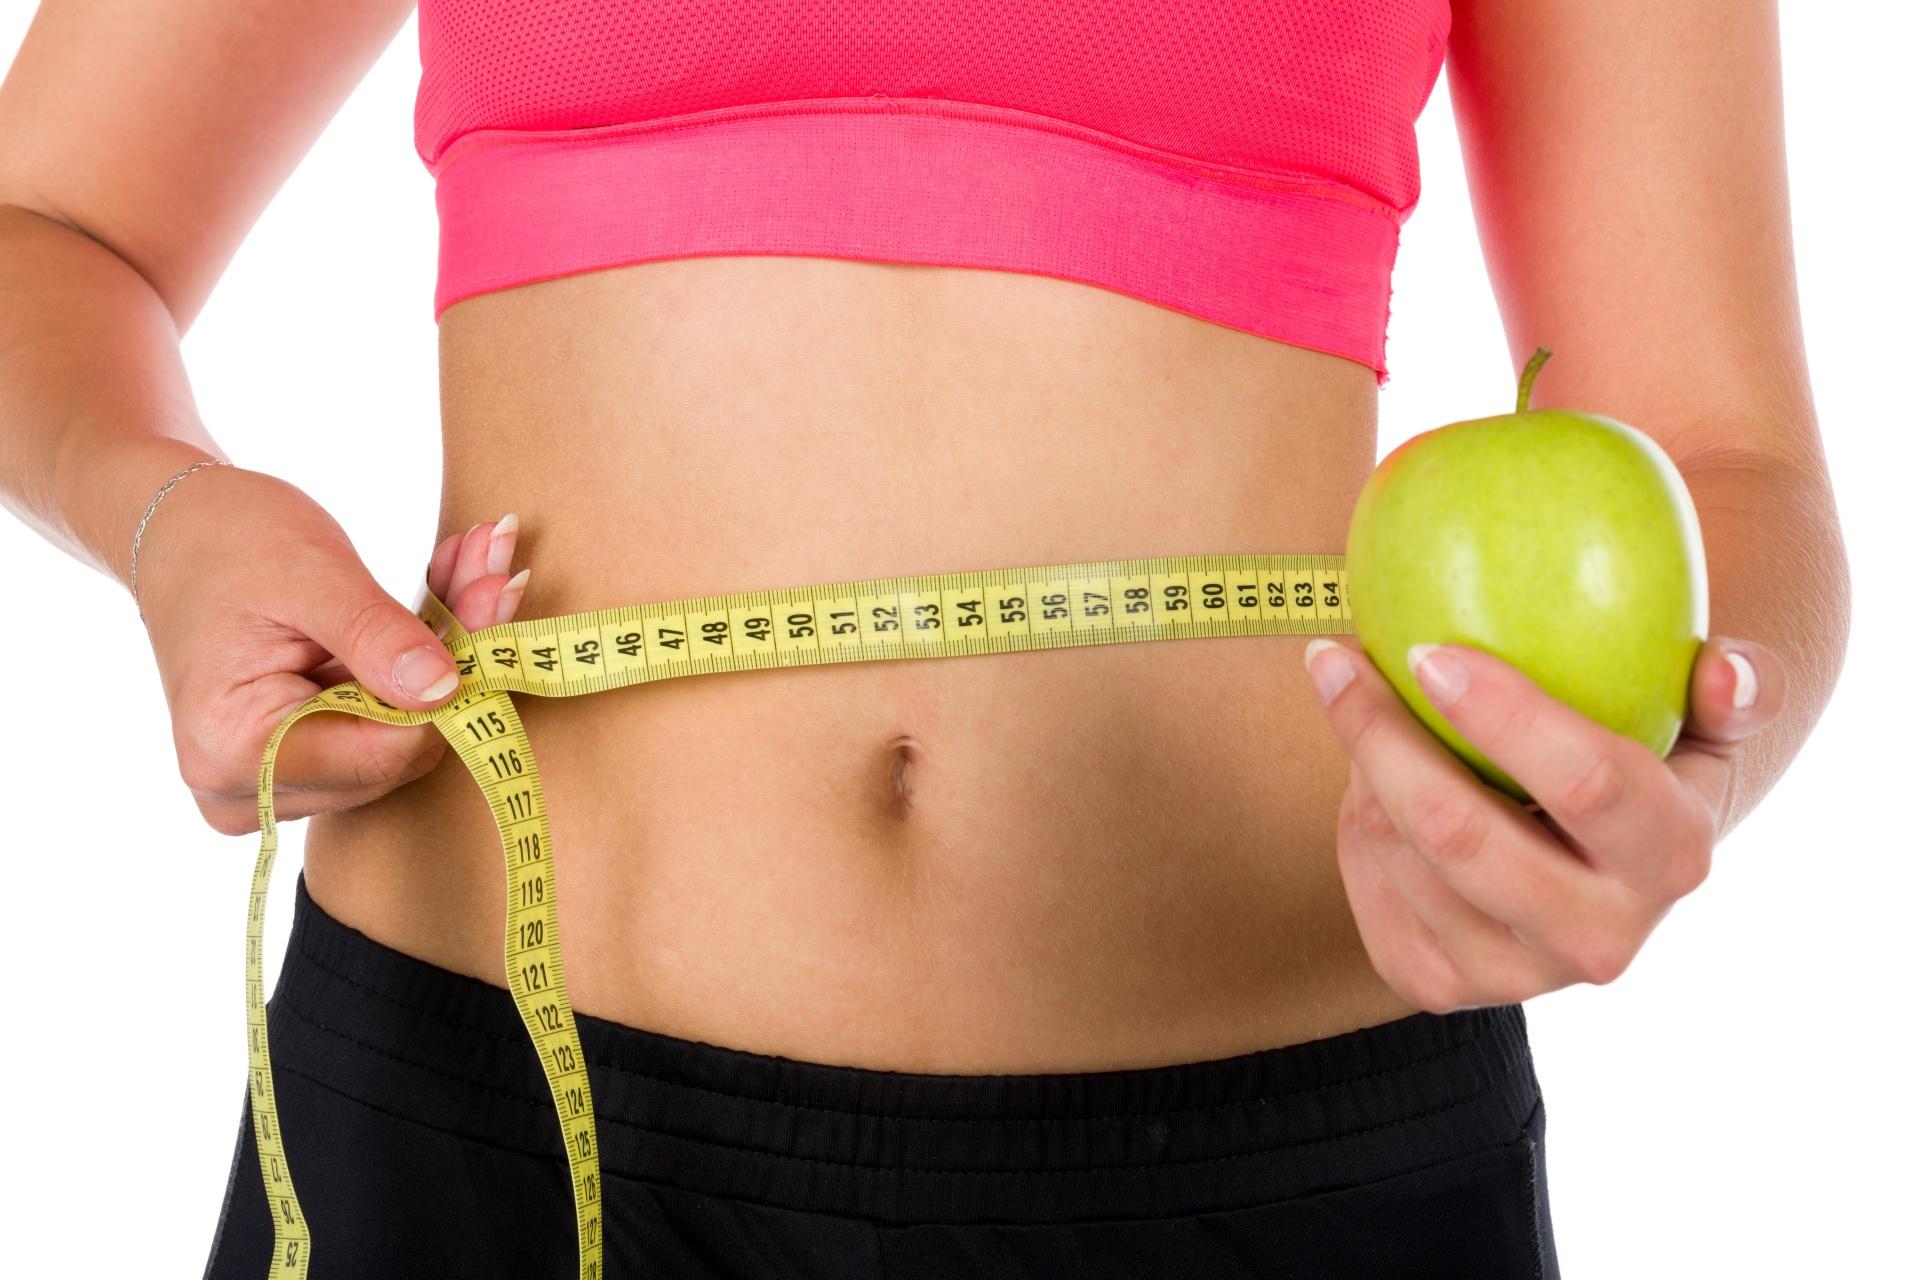 Сайты Как Сбросить Вес. Похудение онлайн: обзор лучших методов